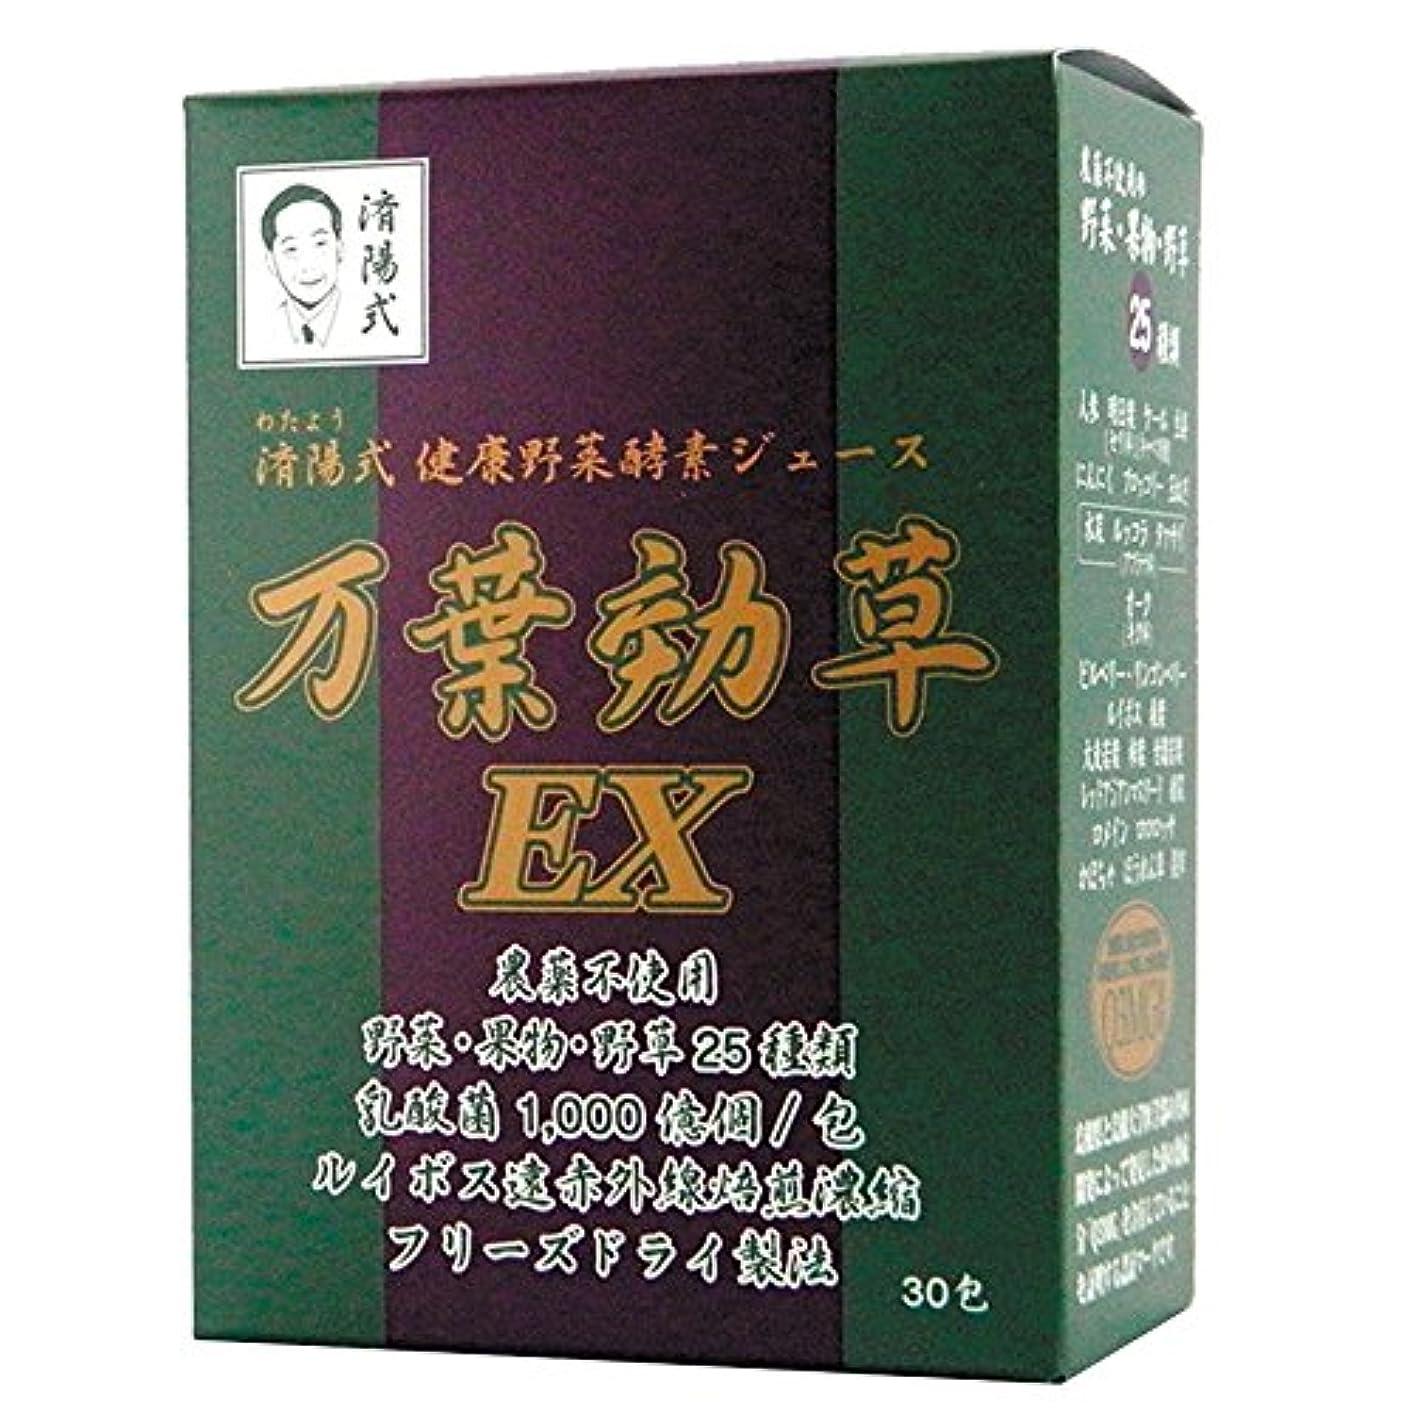 全体パイル瀬戸際AIGエム 済陽式 健康野菜酵素ジュース 万葉効草EX